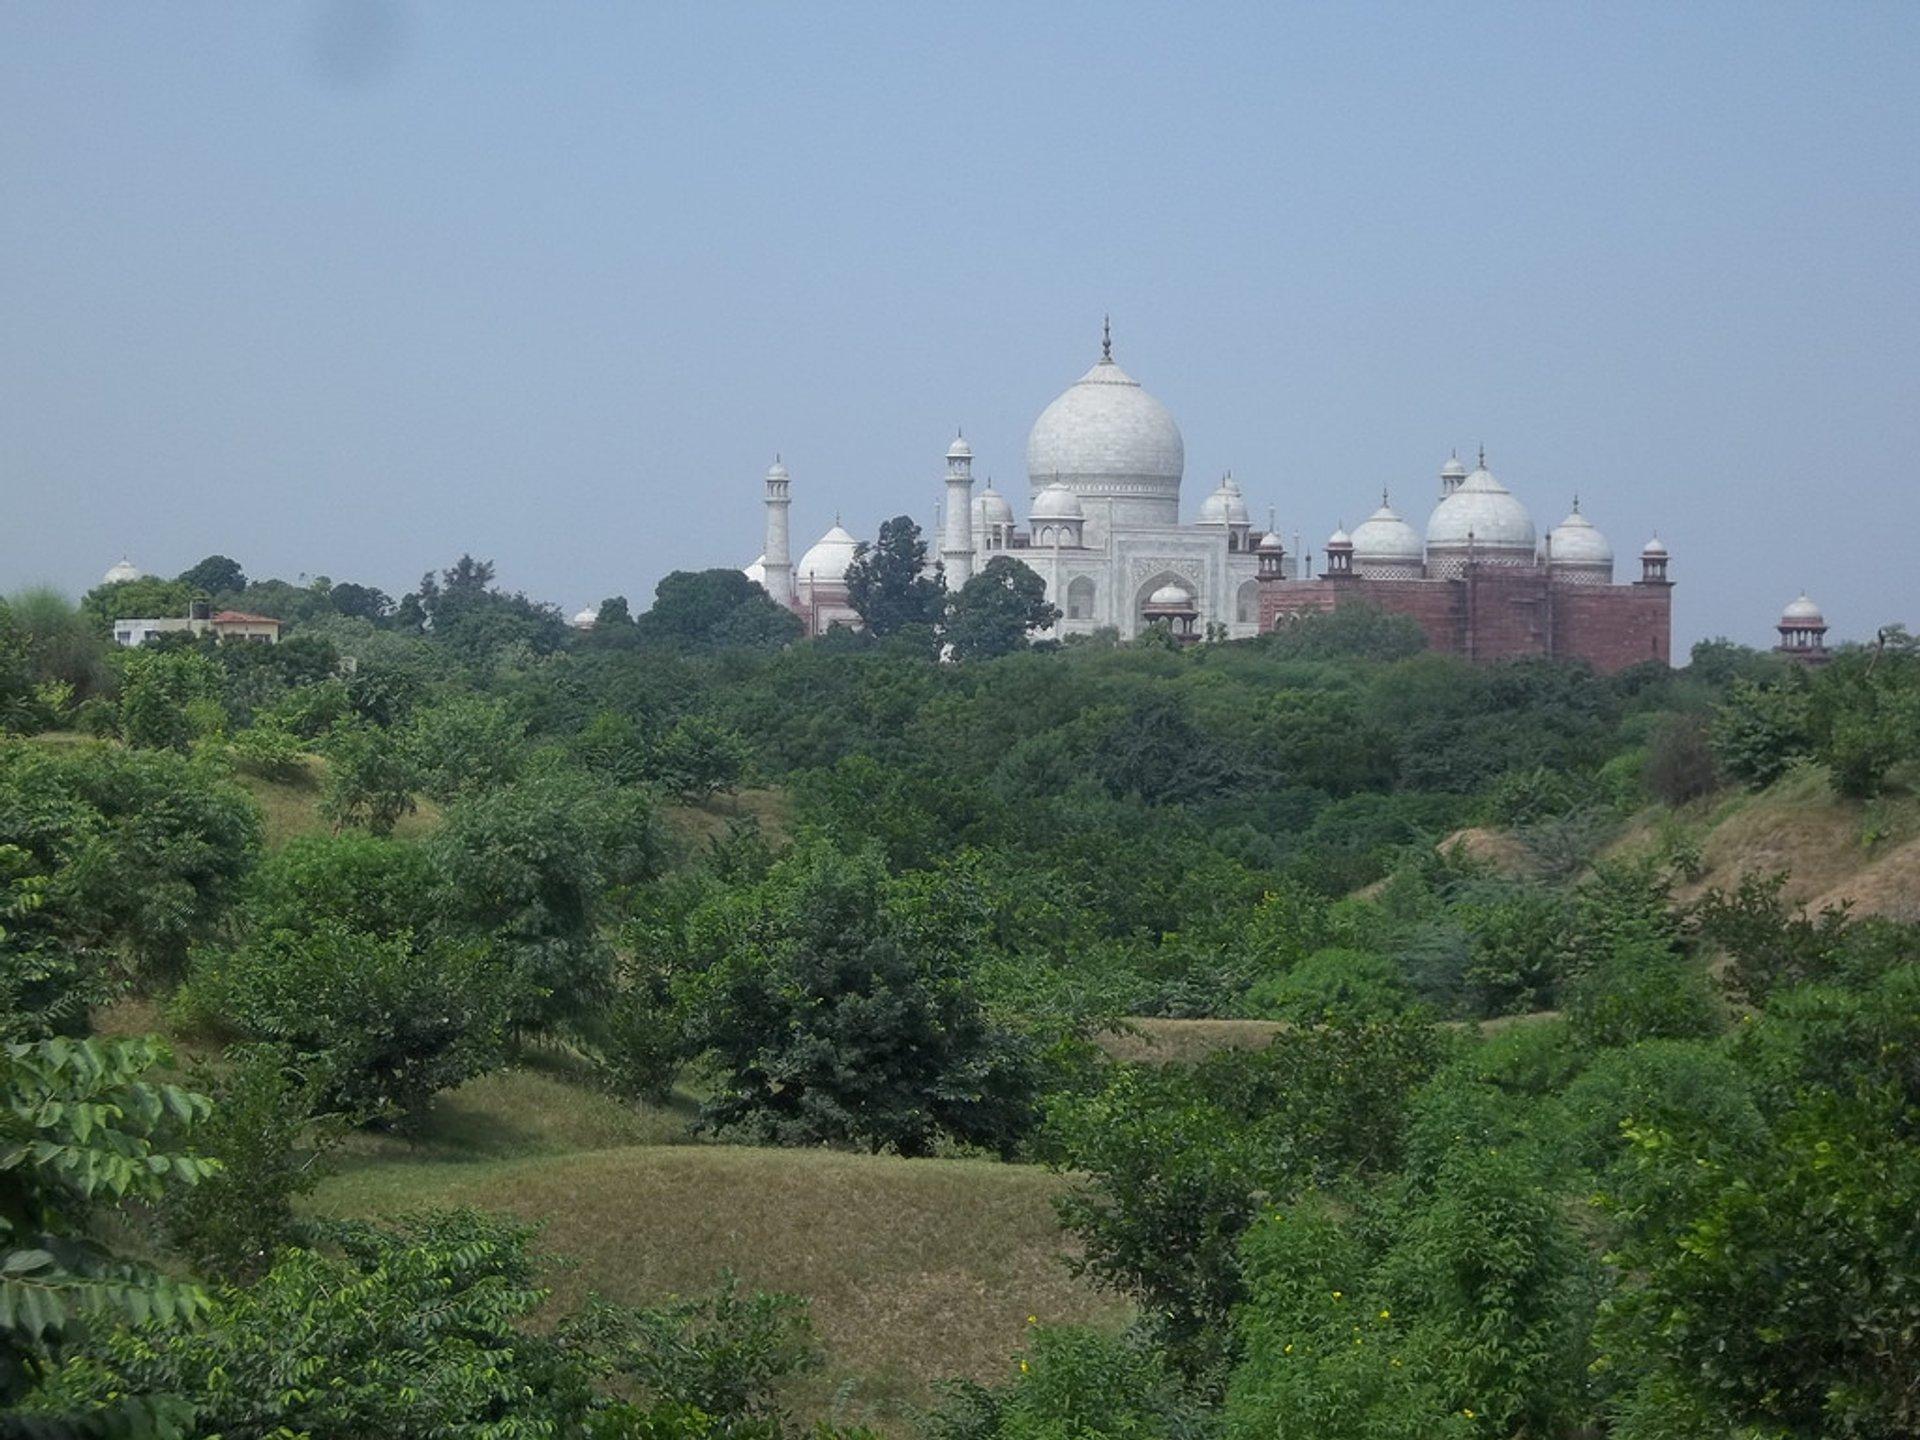 Taj Mahal from Nature Walk Trail 2020